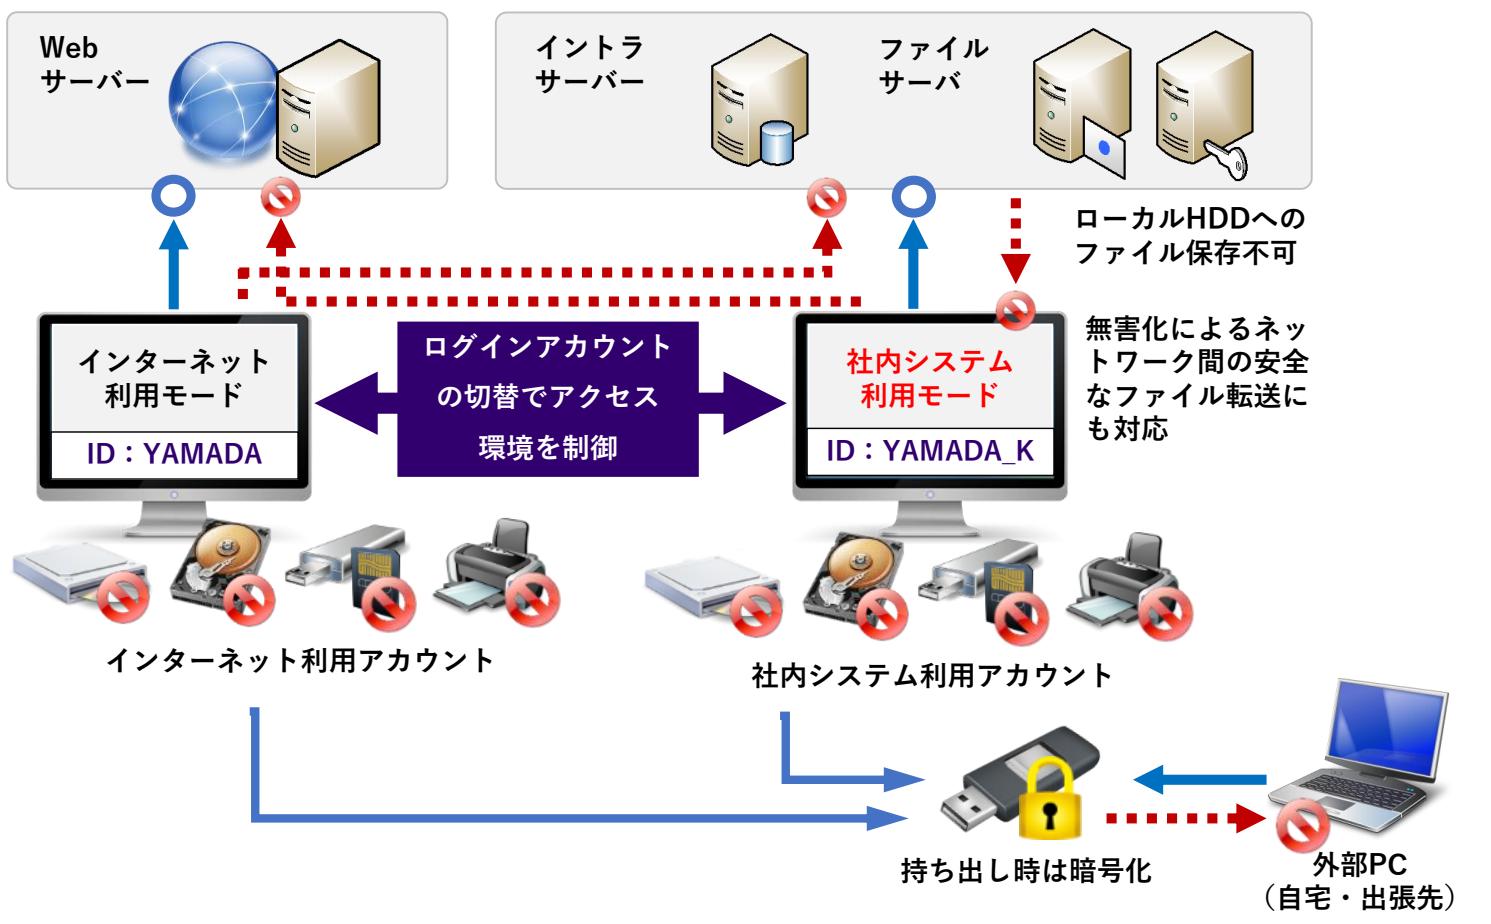 ネットワーク分離支援パックイメージ.png